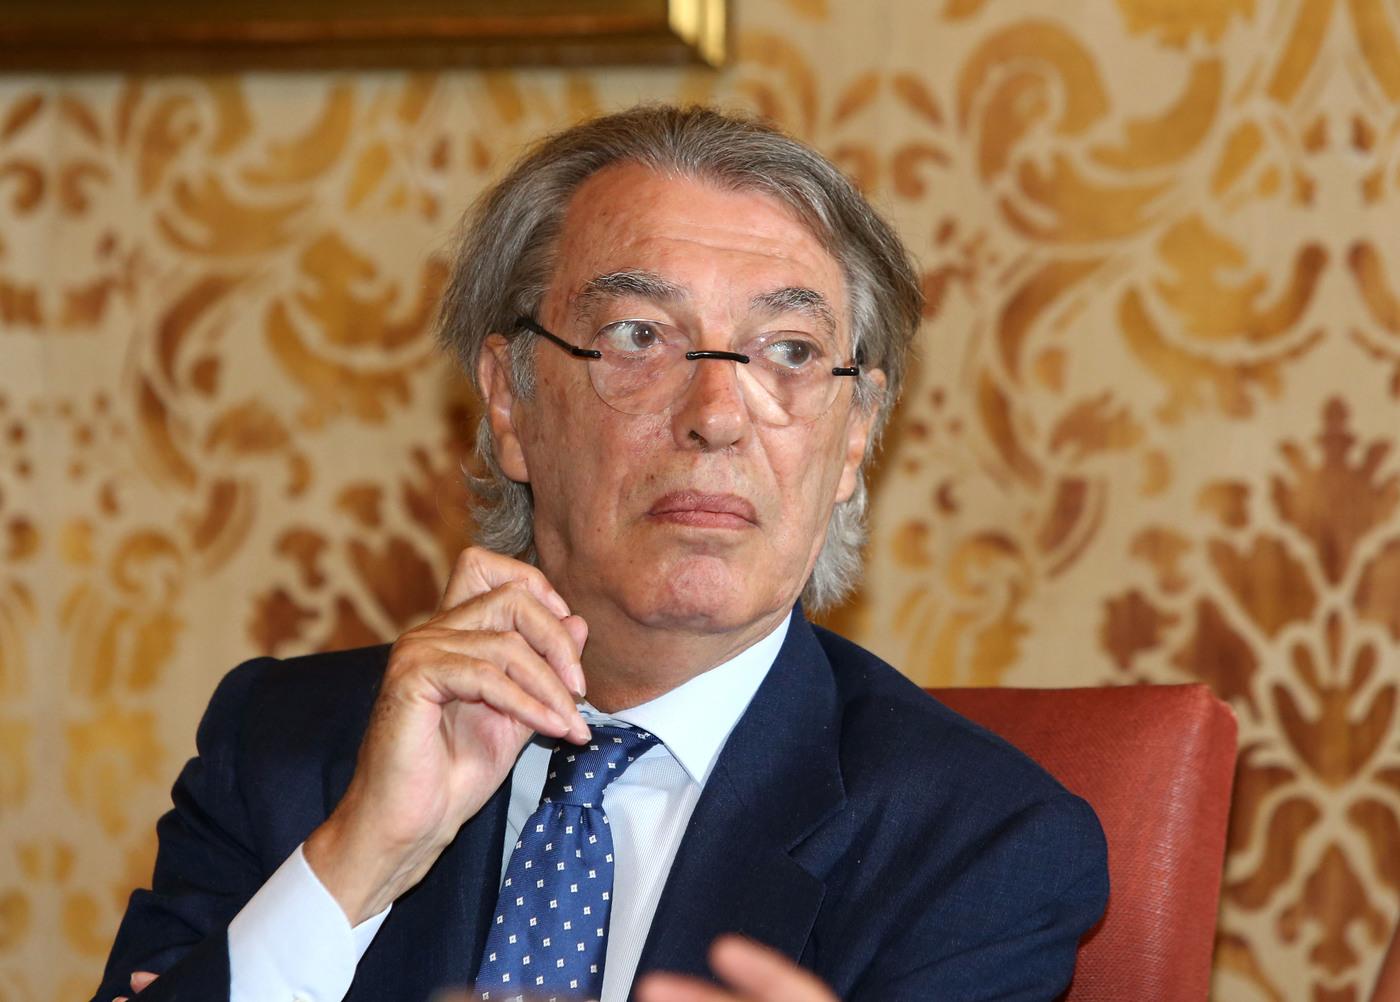 Bellugi, Moratti: Sembrava uscito dal problema, teneva su morale di tutti